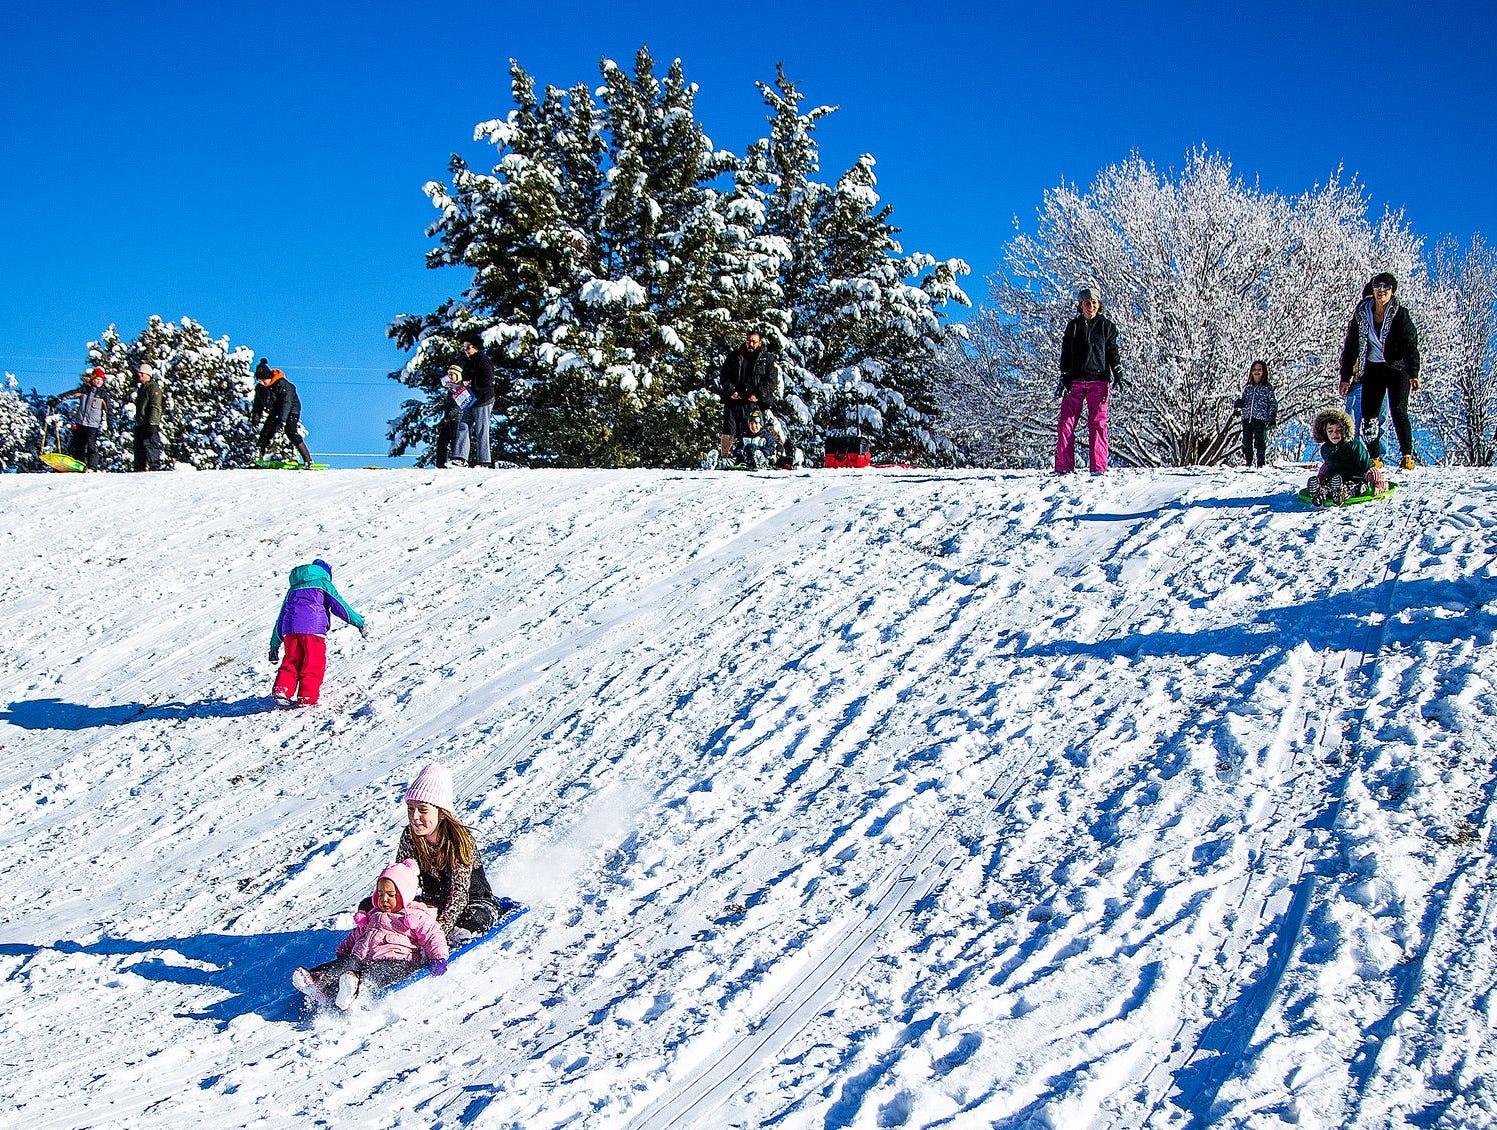 Las familias aprovechan las nuevas nevadas para deslizarse por una colina en Green Valley Park en Payson el 1 de enero de 2019.